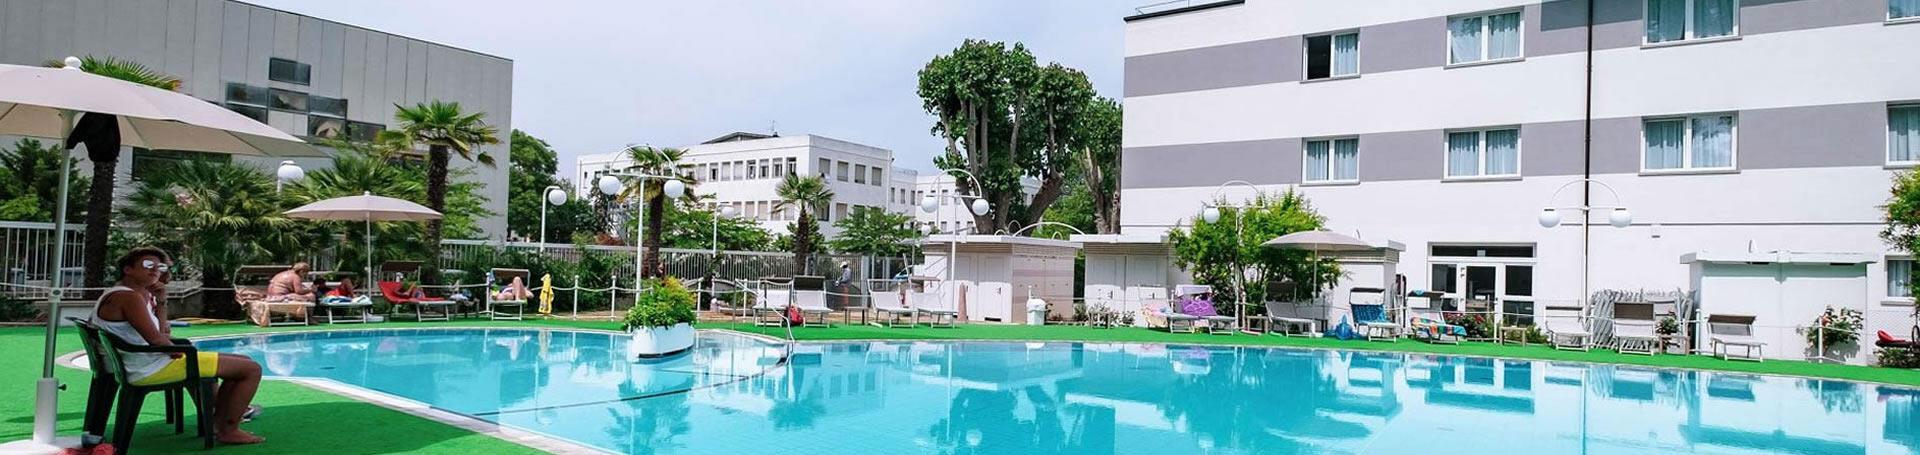 greenvillagecesenatico en hotel-with-pool-cesenatico 011